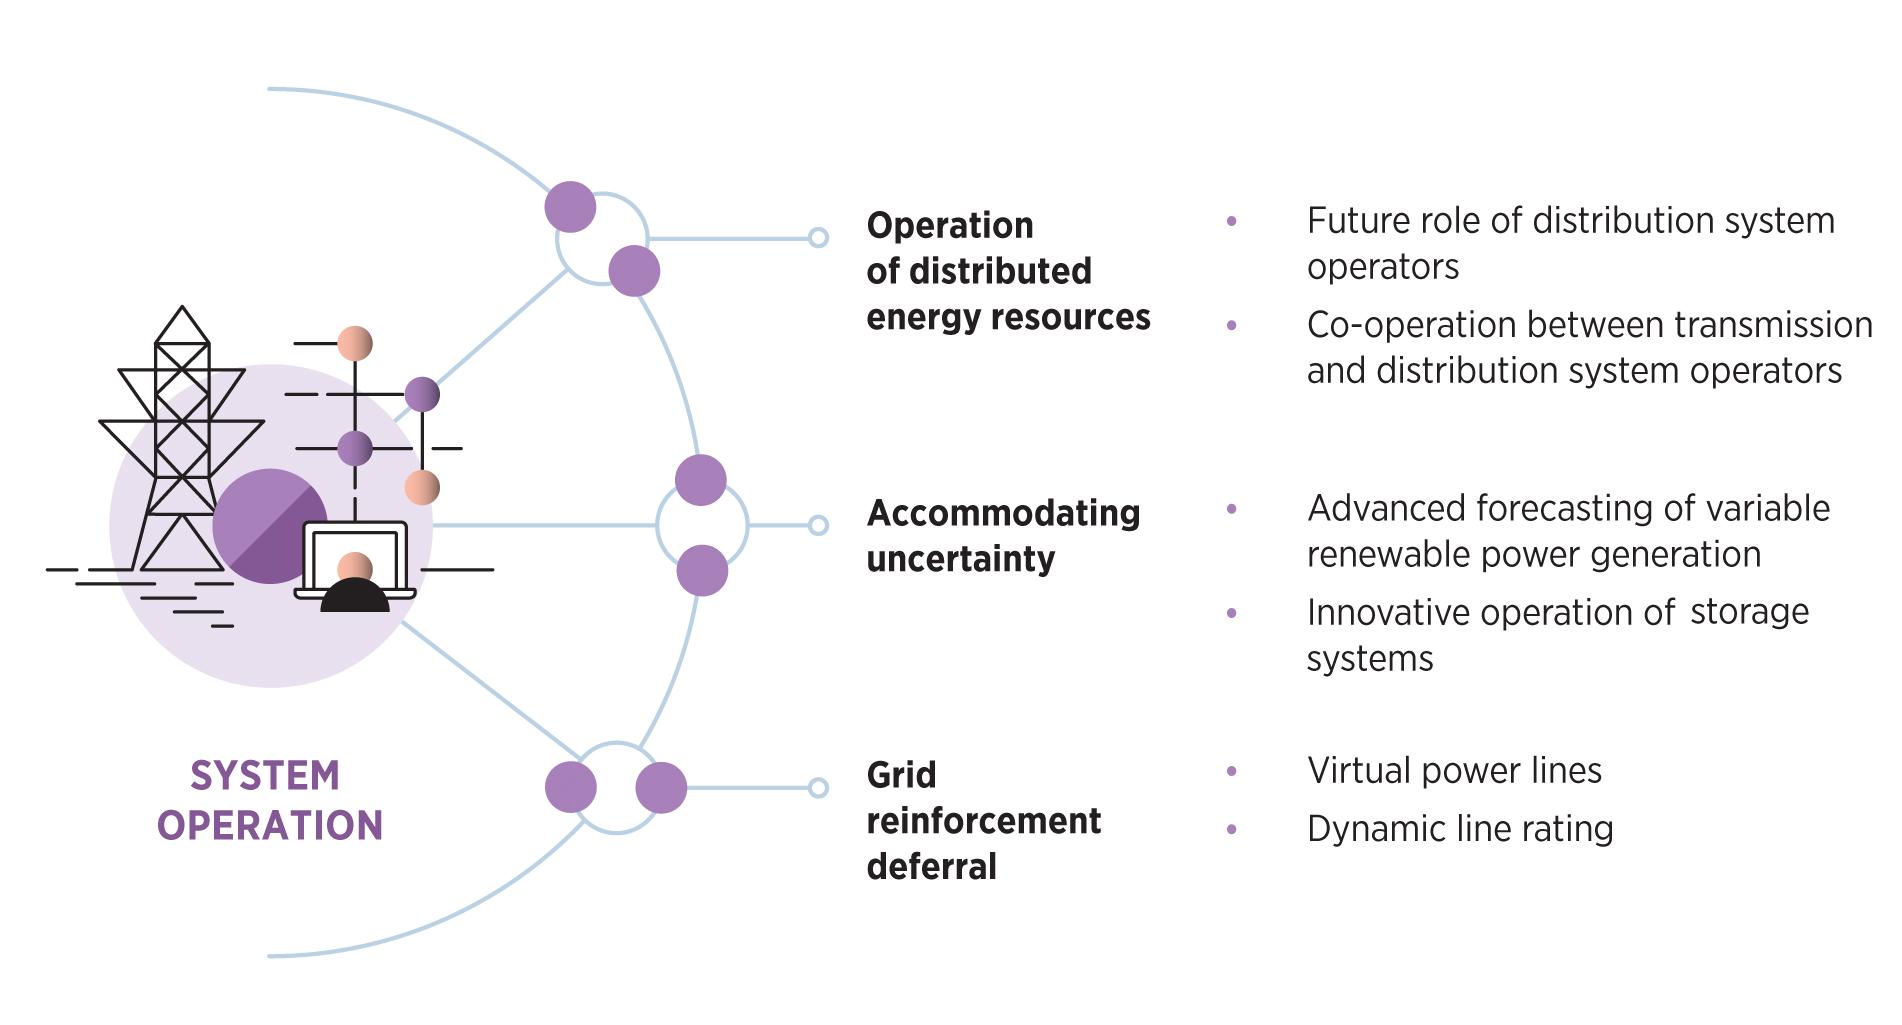 Рис. 4. Системні інновації у експлуатації (оперуванні) енергосистемою. Джерело: IRENA – «Innovation landscape for a renewable-powered future», лютий 2019.